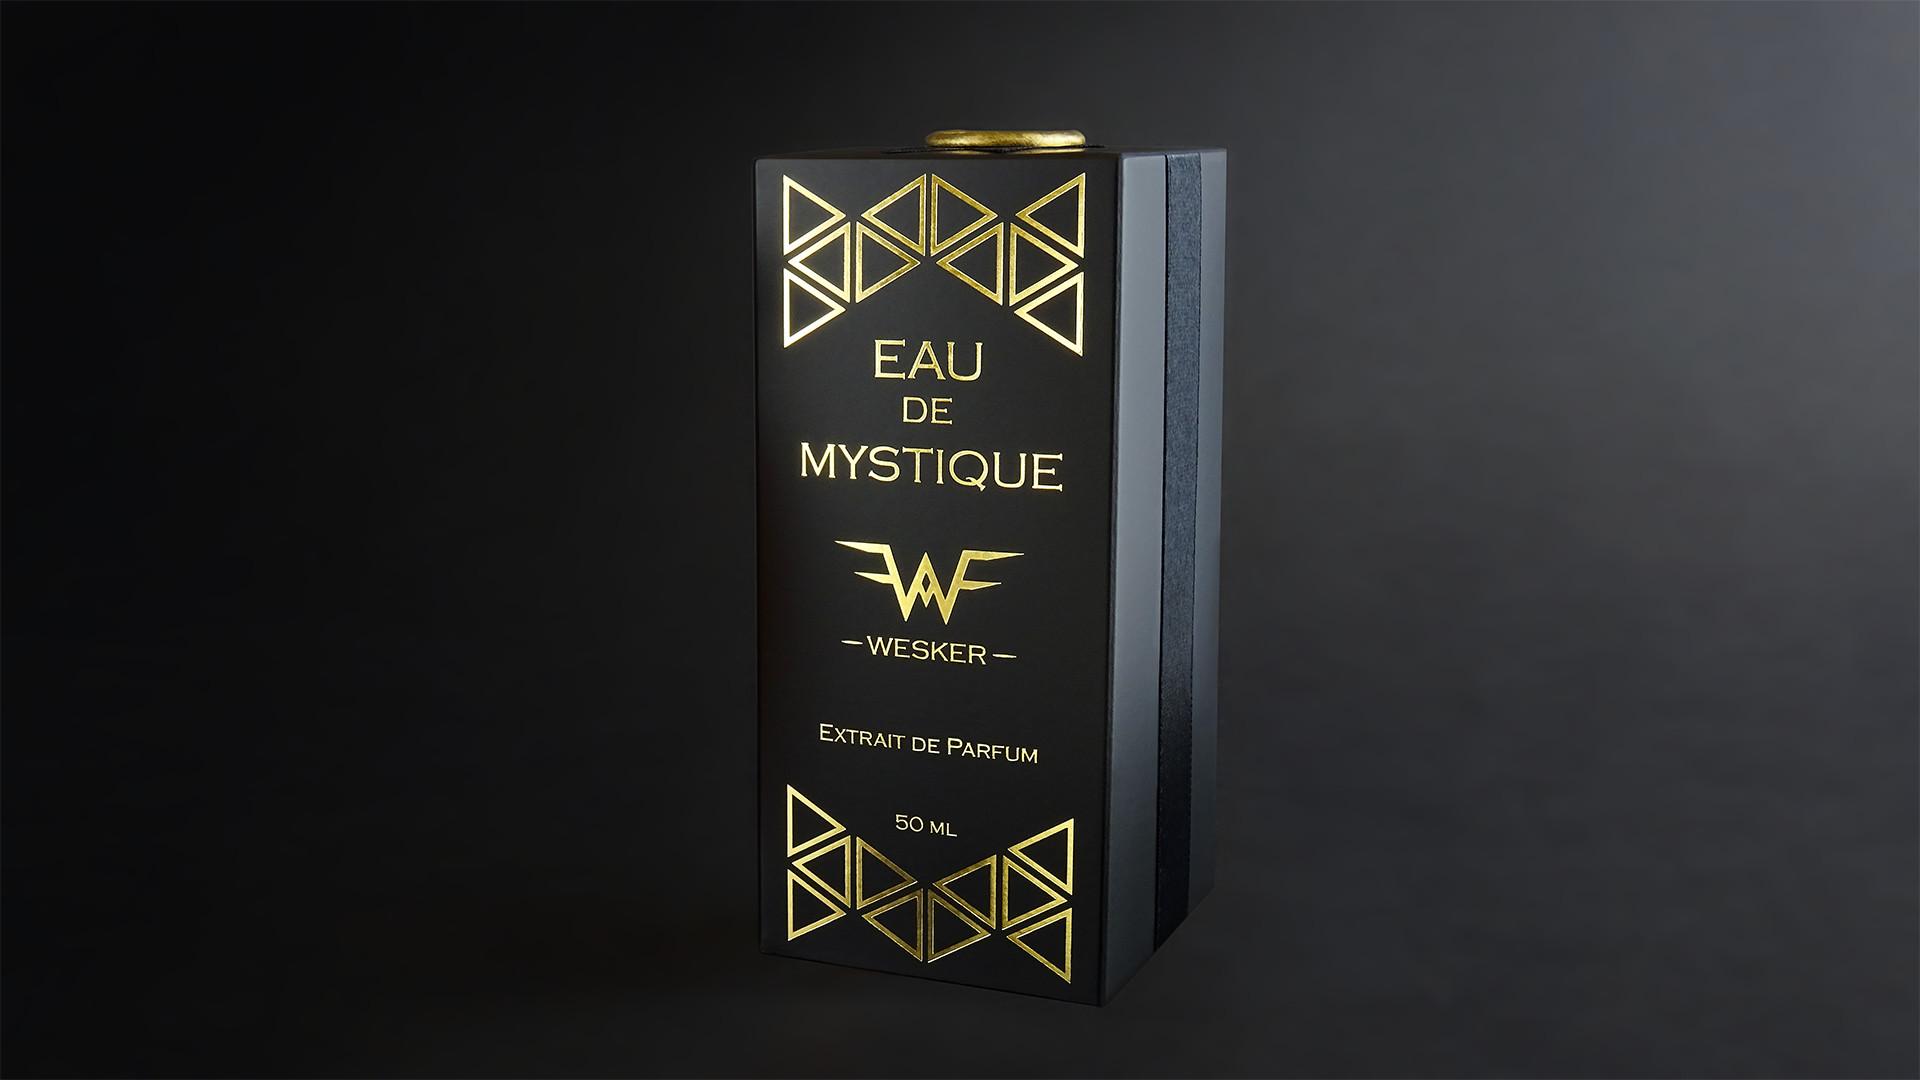 Wesker Eau de Mystique Extrait de Parfum Package